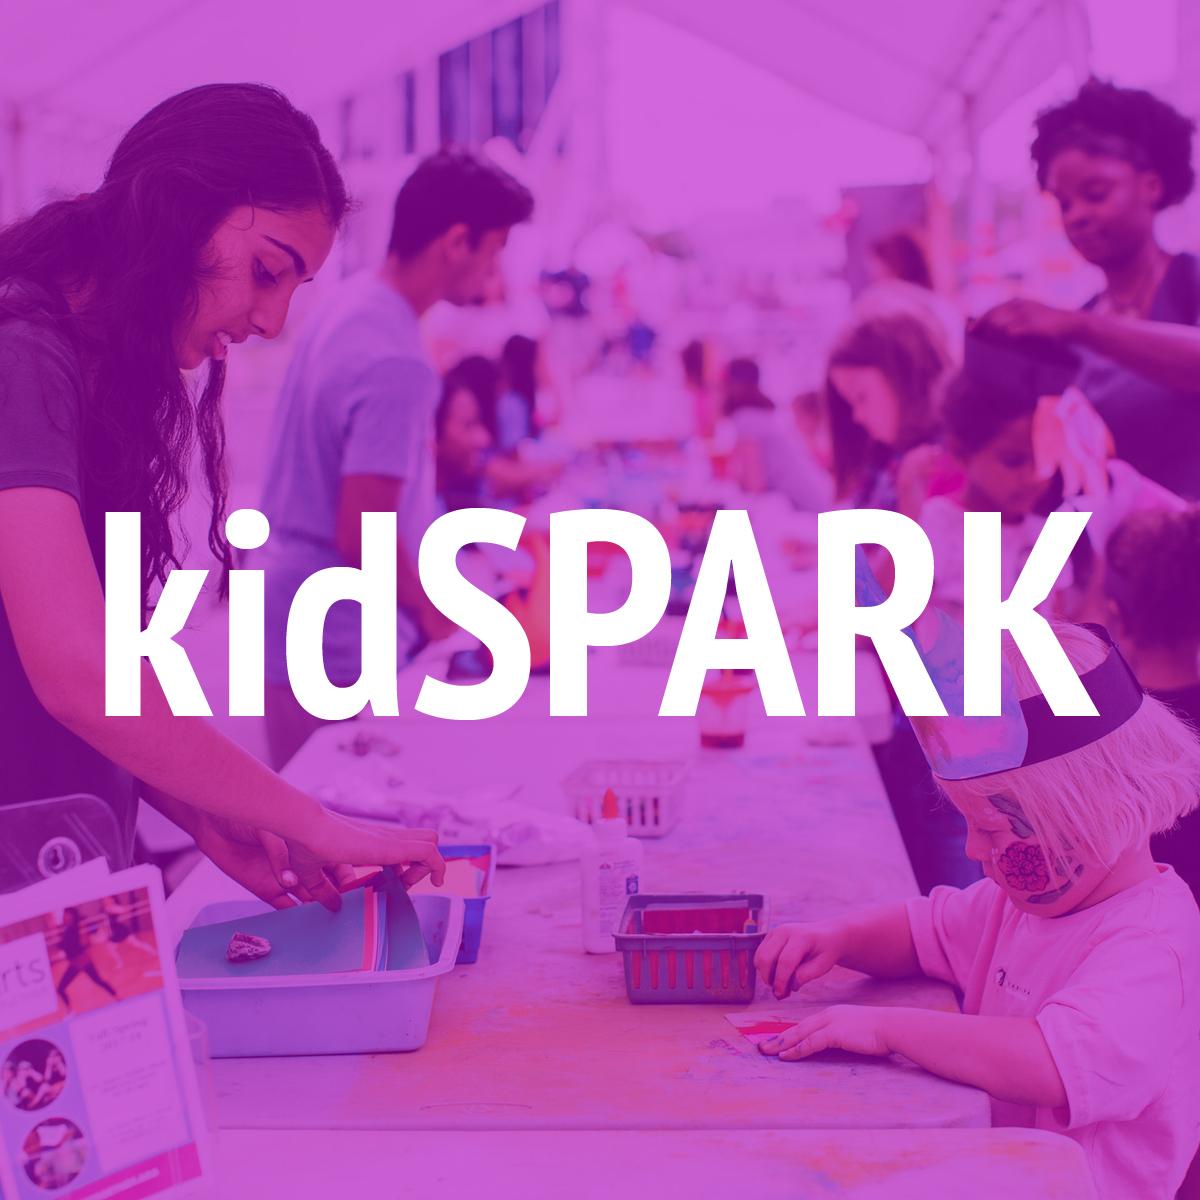 kidspark.jpg